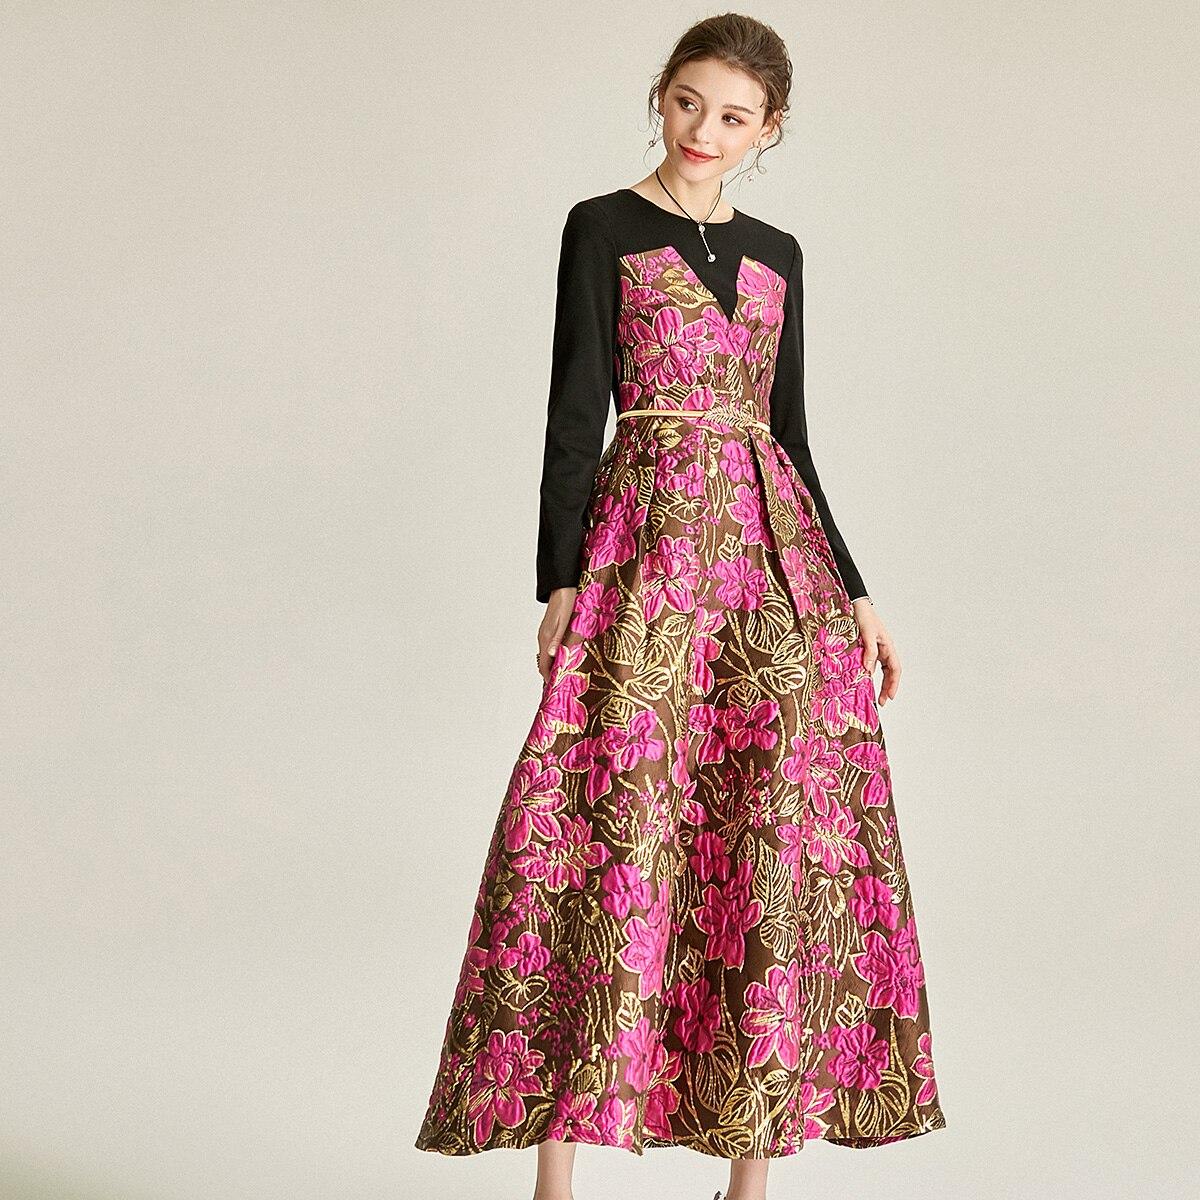 2021 ربيع الخريف فستان جاكار س الرقبة فستان بروكيد المرقعة المرأة كم طويل ملابس الحفلات المسائية منتصف العجل الكرة ثوب 07